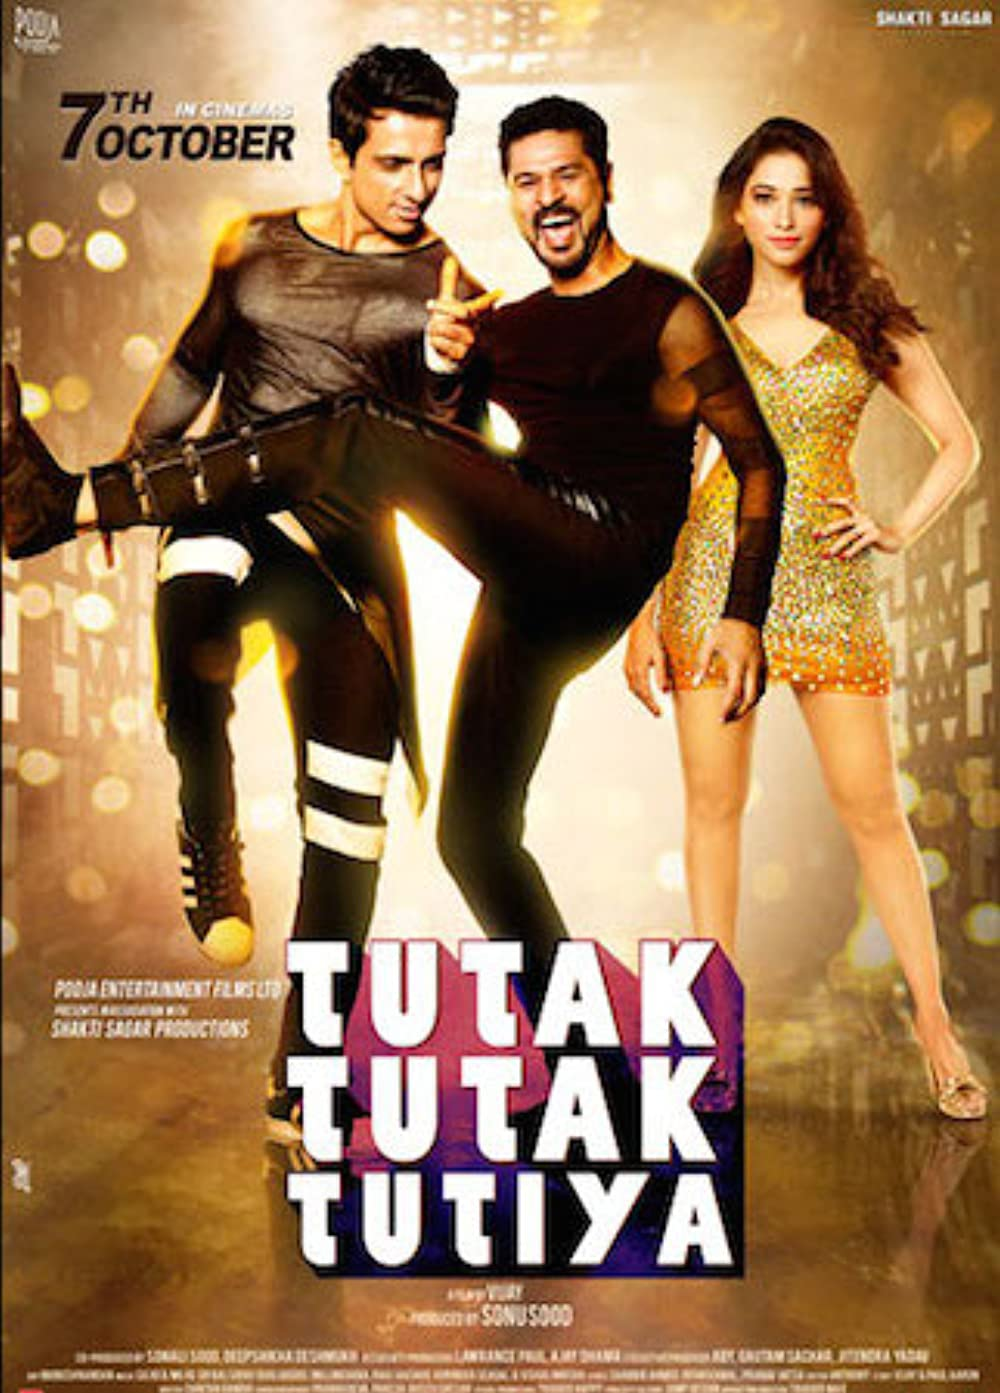 Tutak Tutak Tutiya (2016) Full Movie Hindi Movie